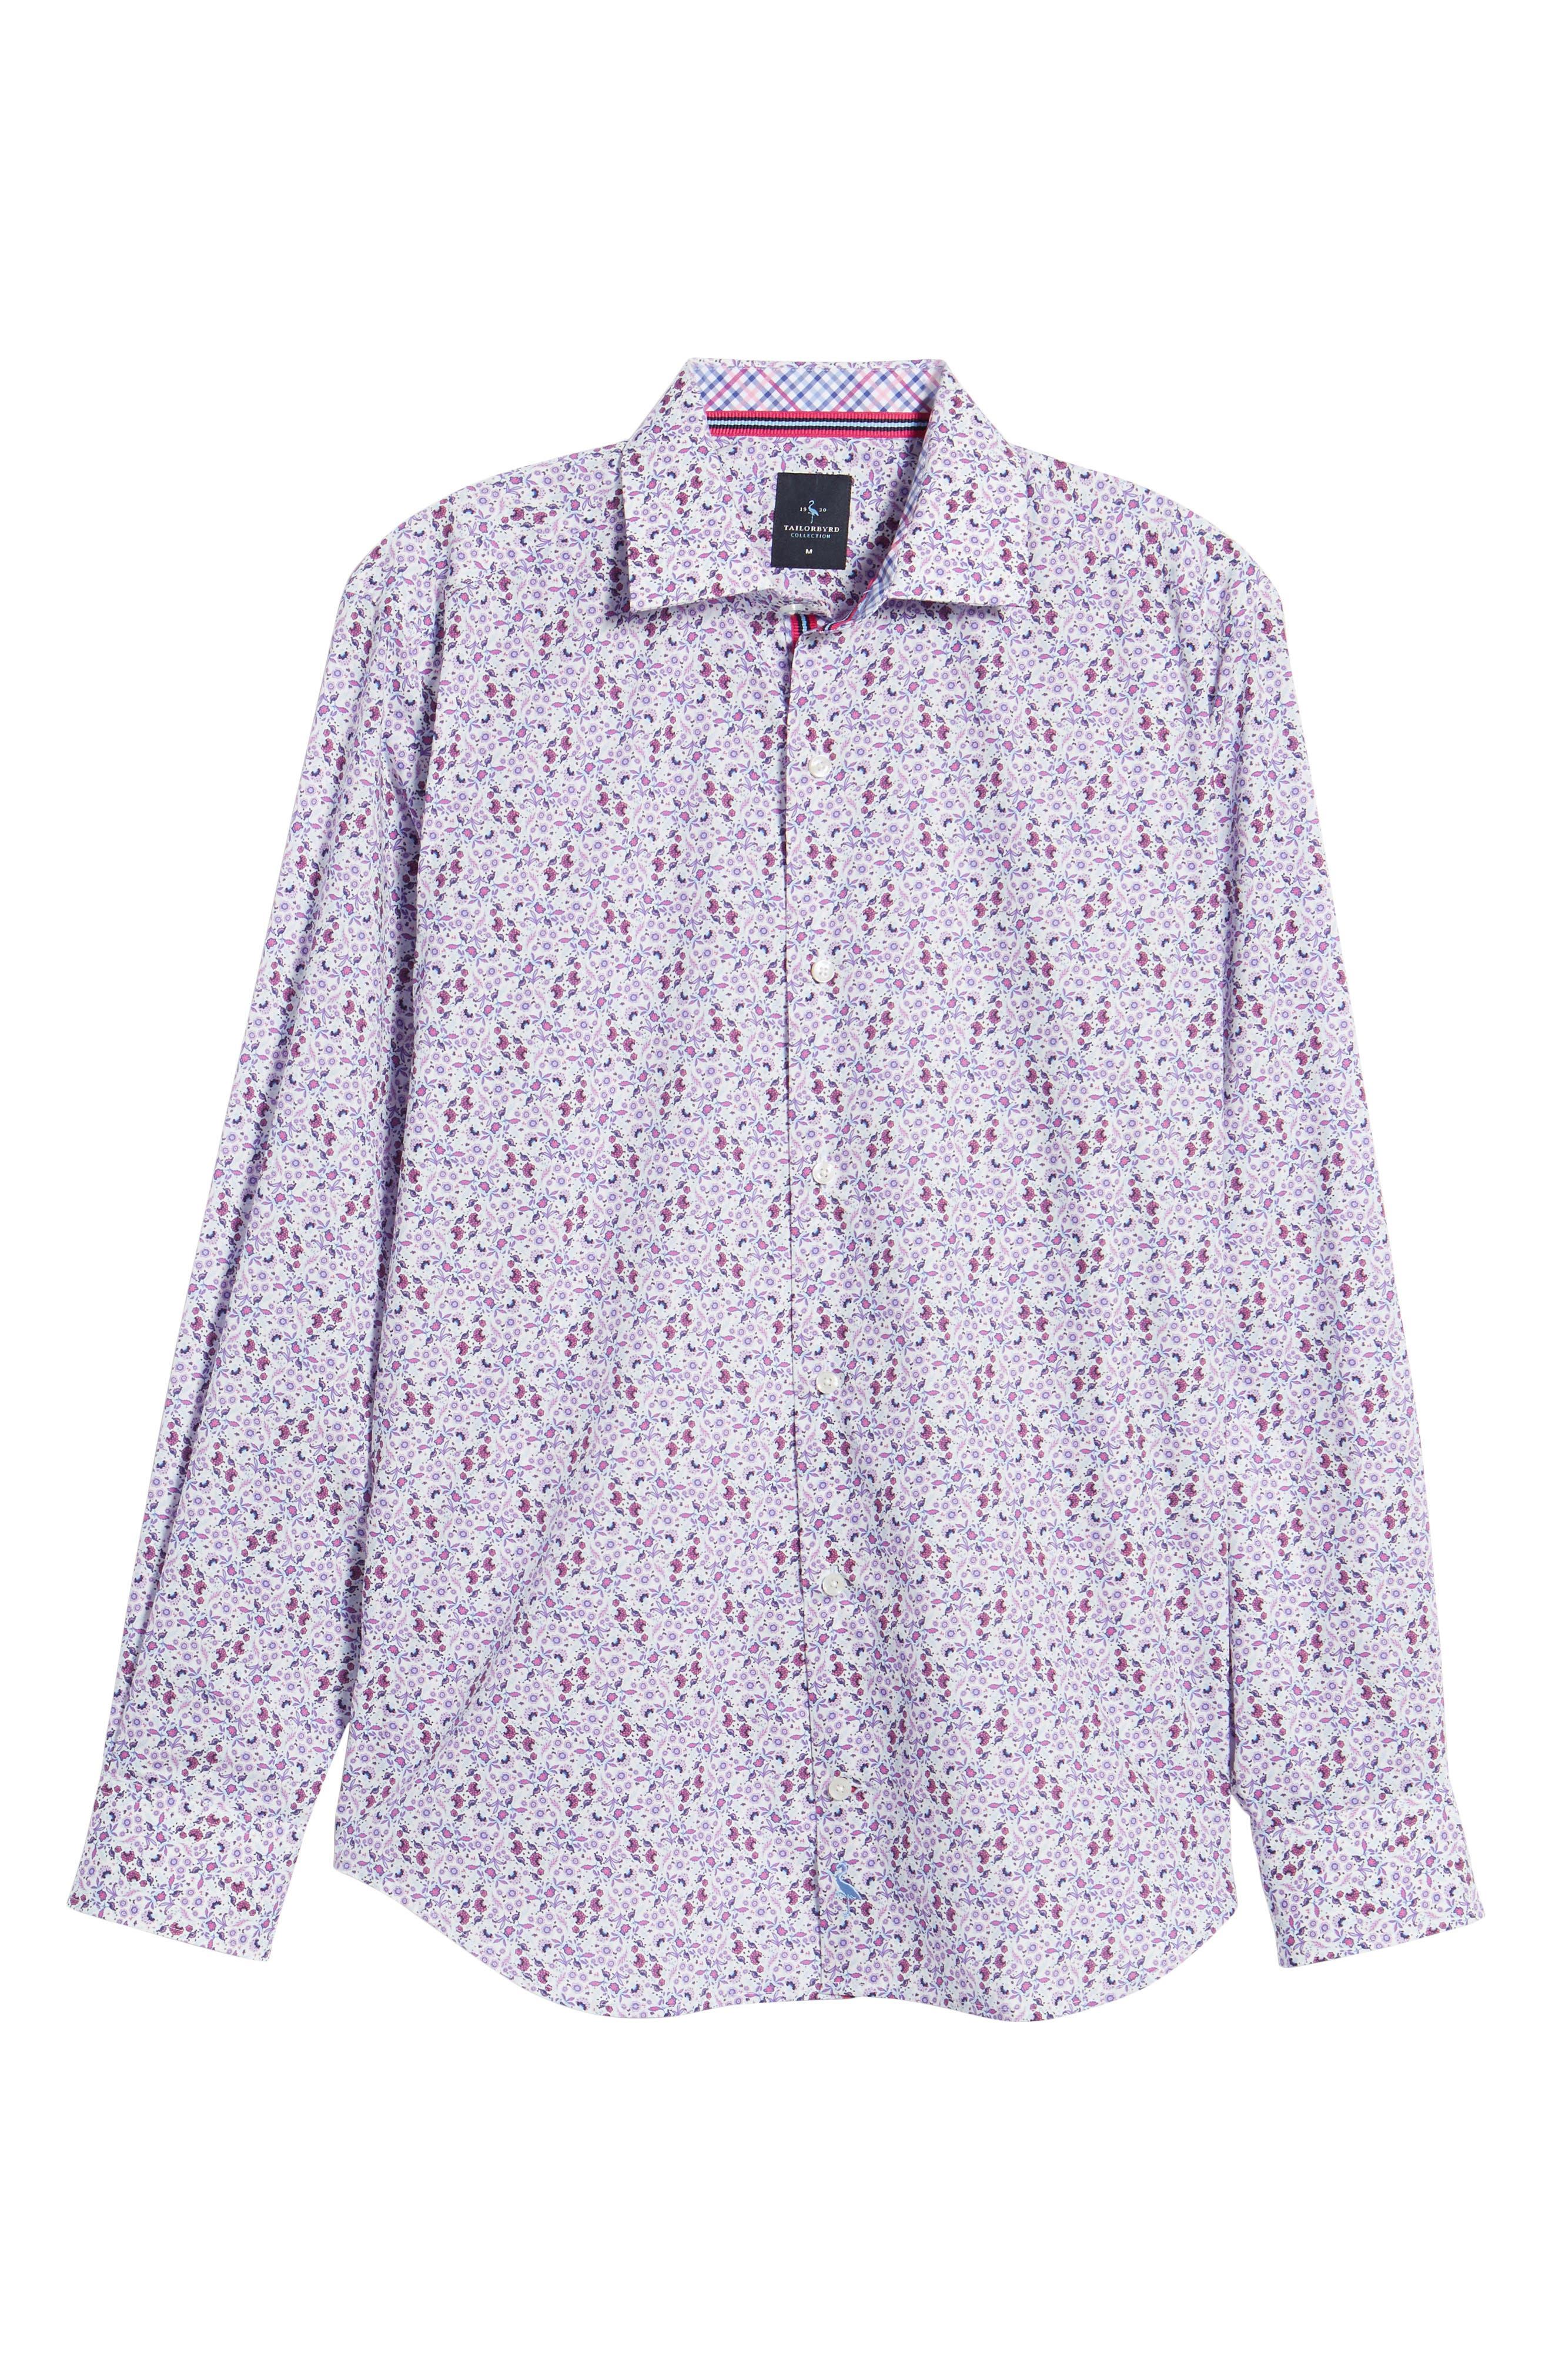 Kaj Regular Fit Floral Print Sport Shirt,                             Alternate thumbnail 6, color,                             Fuchsia